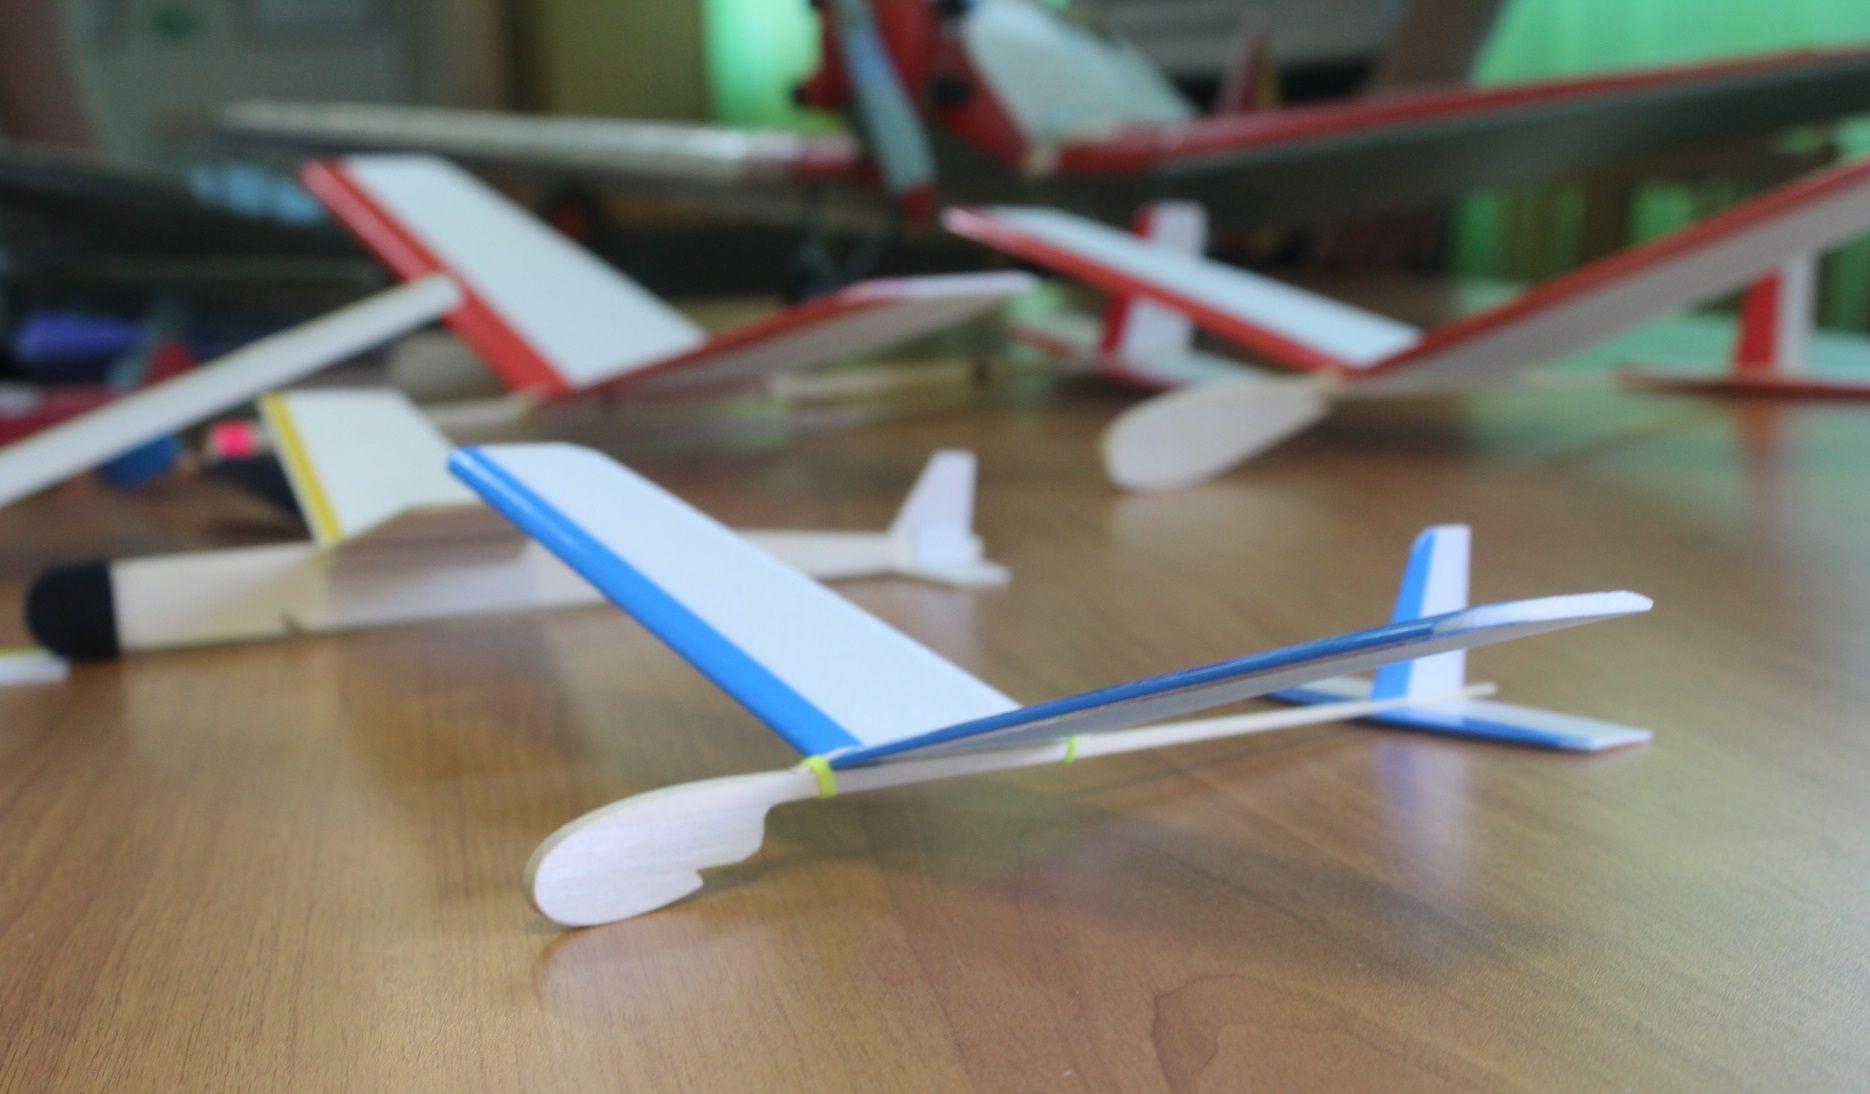 Кунашакский муниципальный район стал пилотной площадкой по реализации проекта «Авиамодельный кружок в начальной школе»